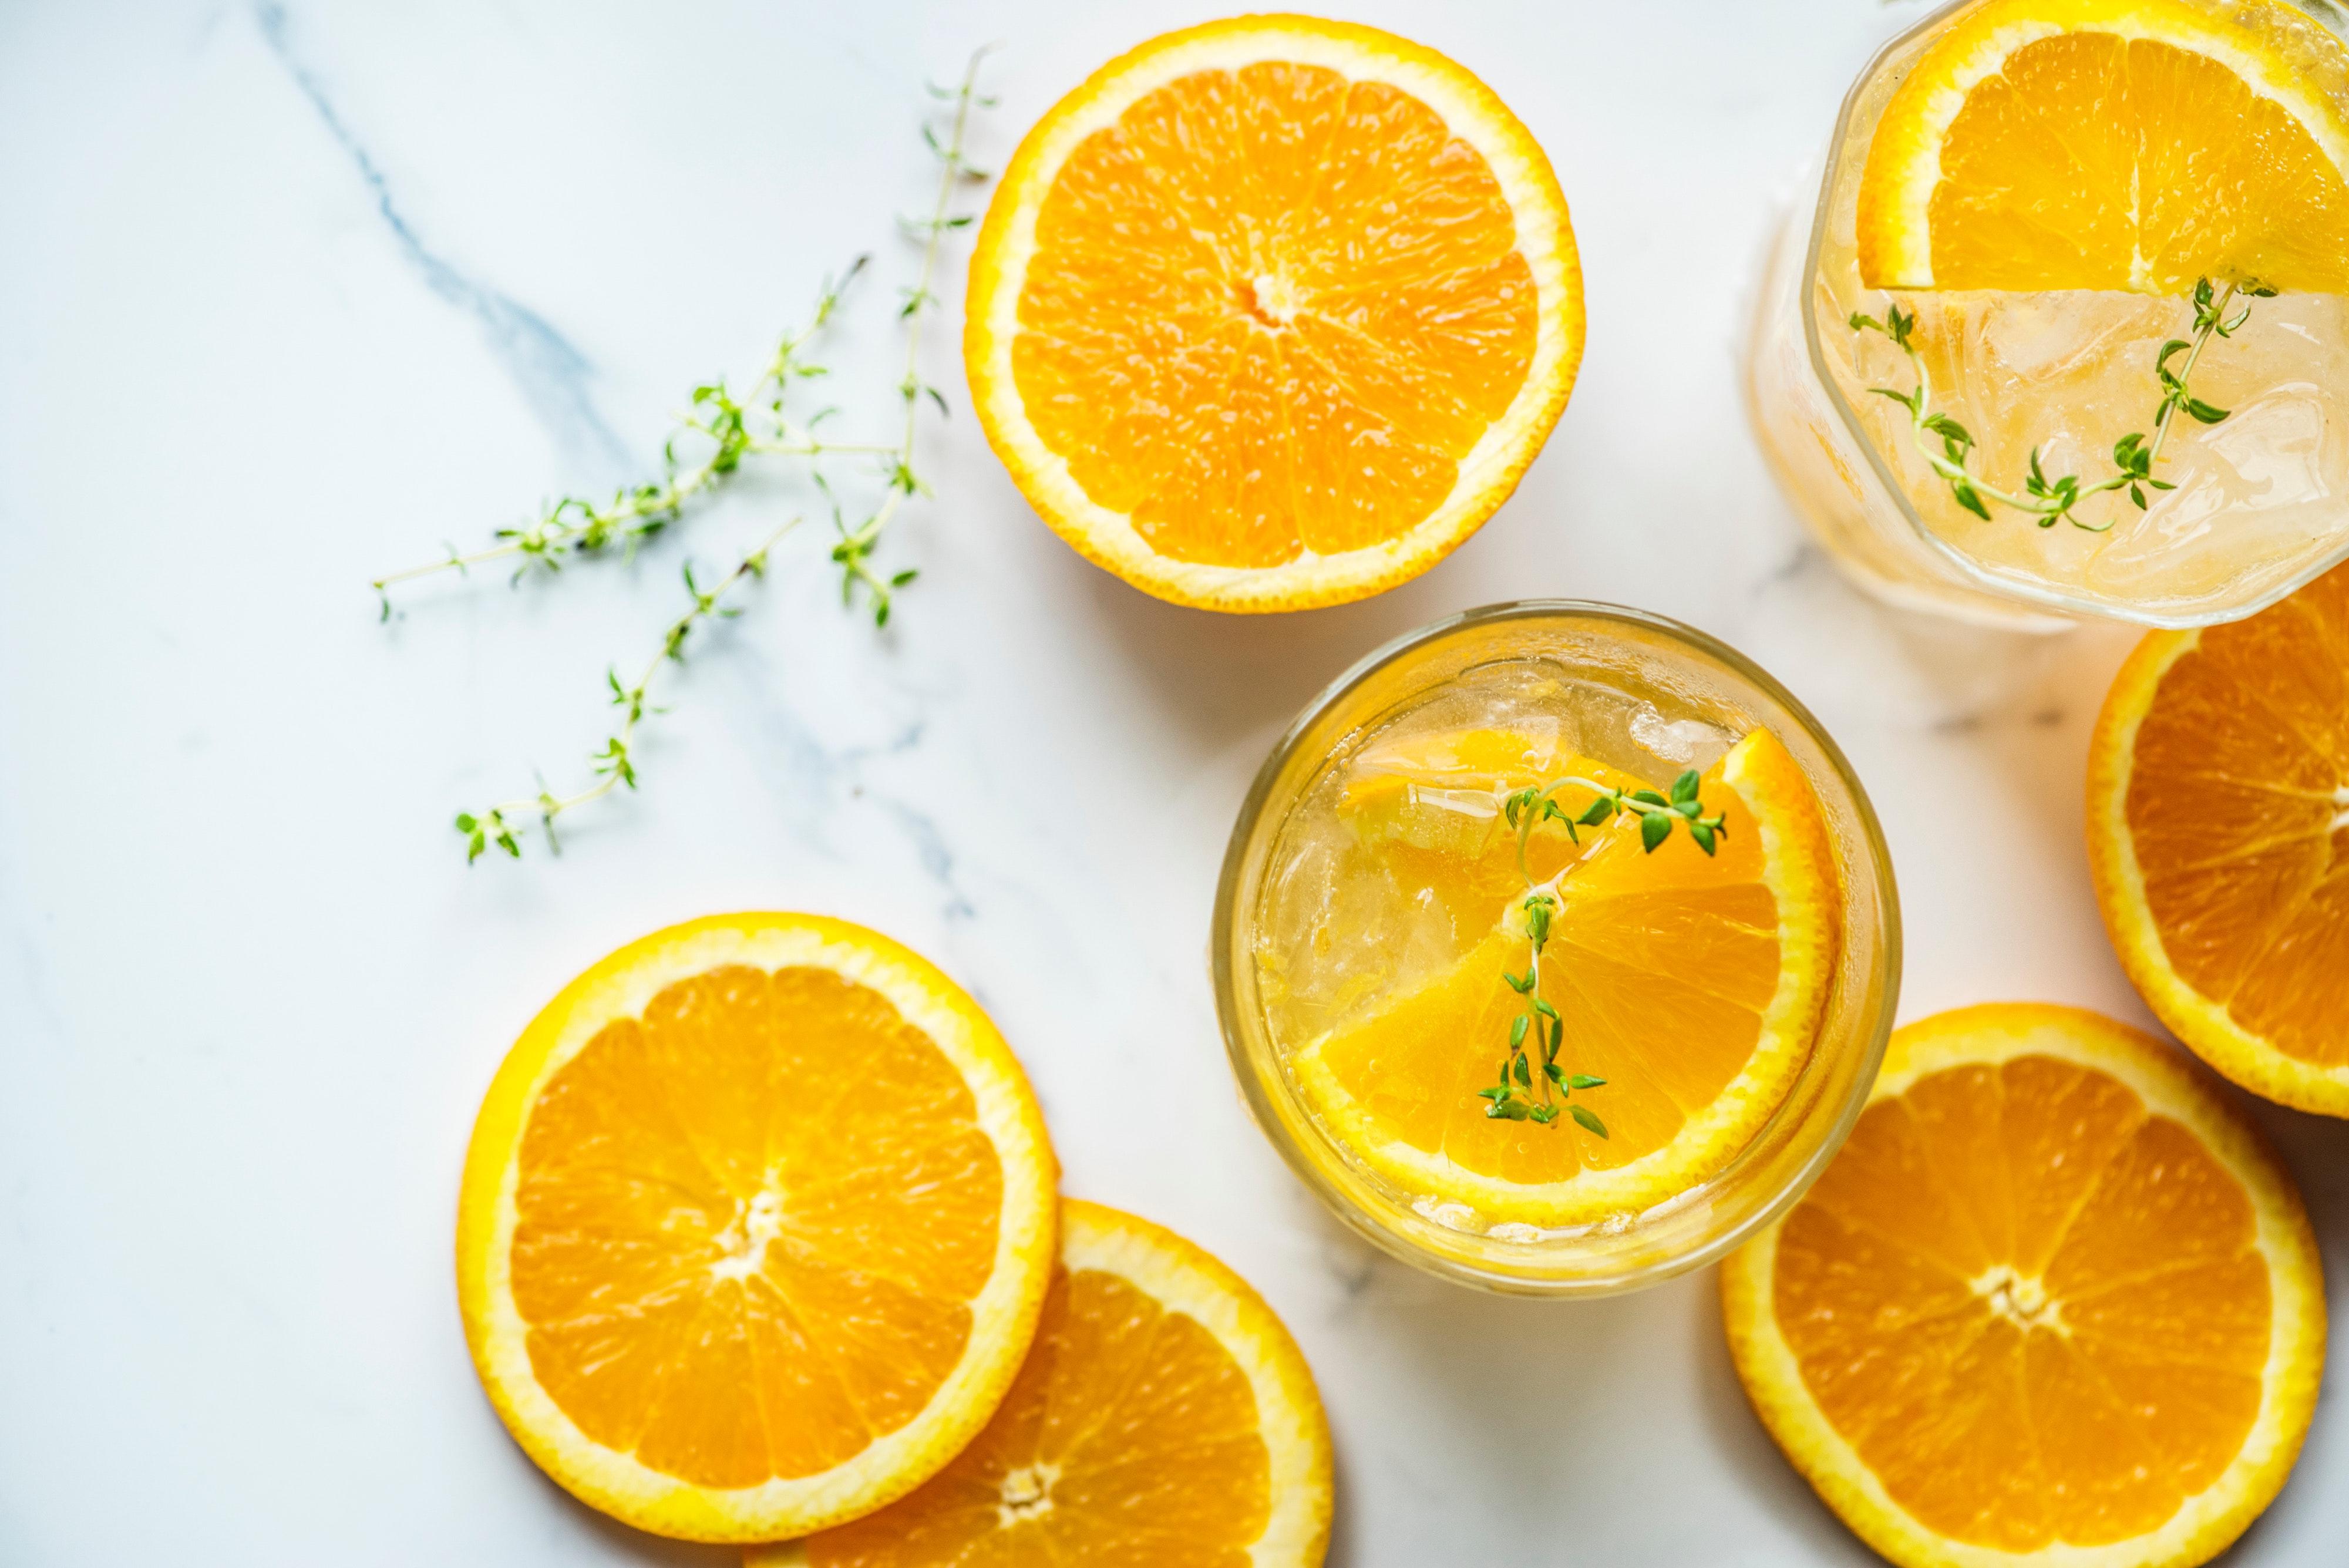 antioxidant-beverage-blended-1328887